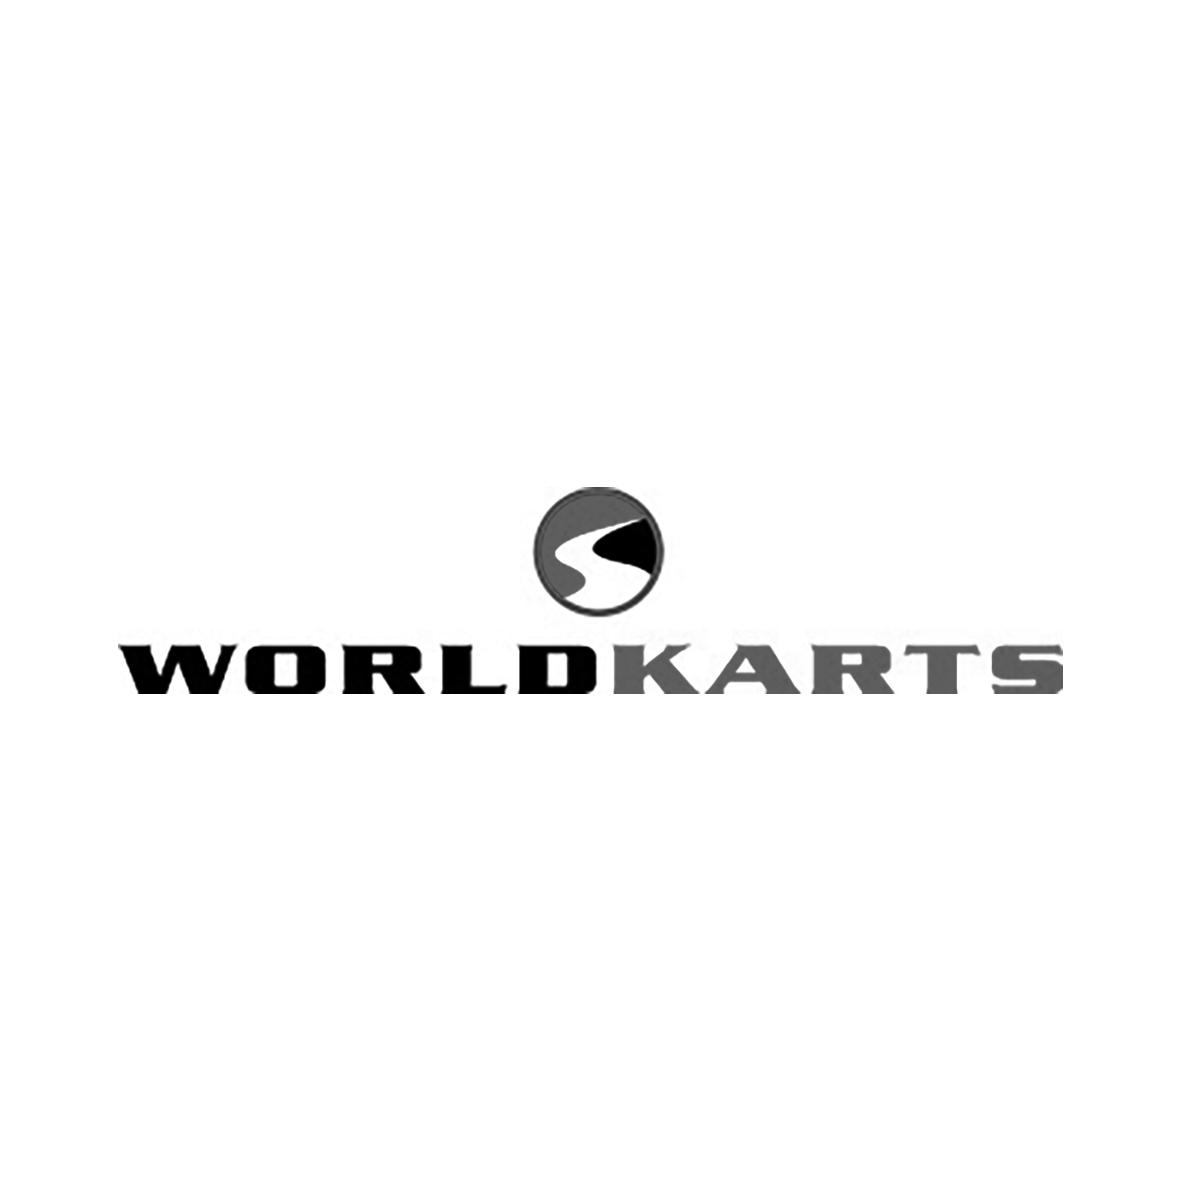 Worldkarts